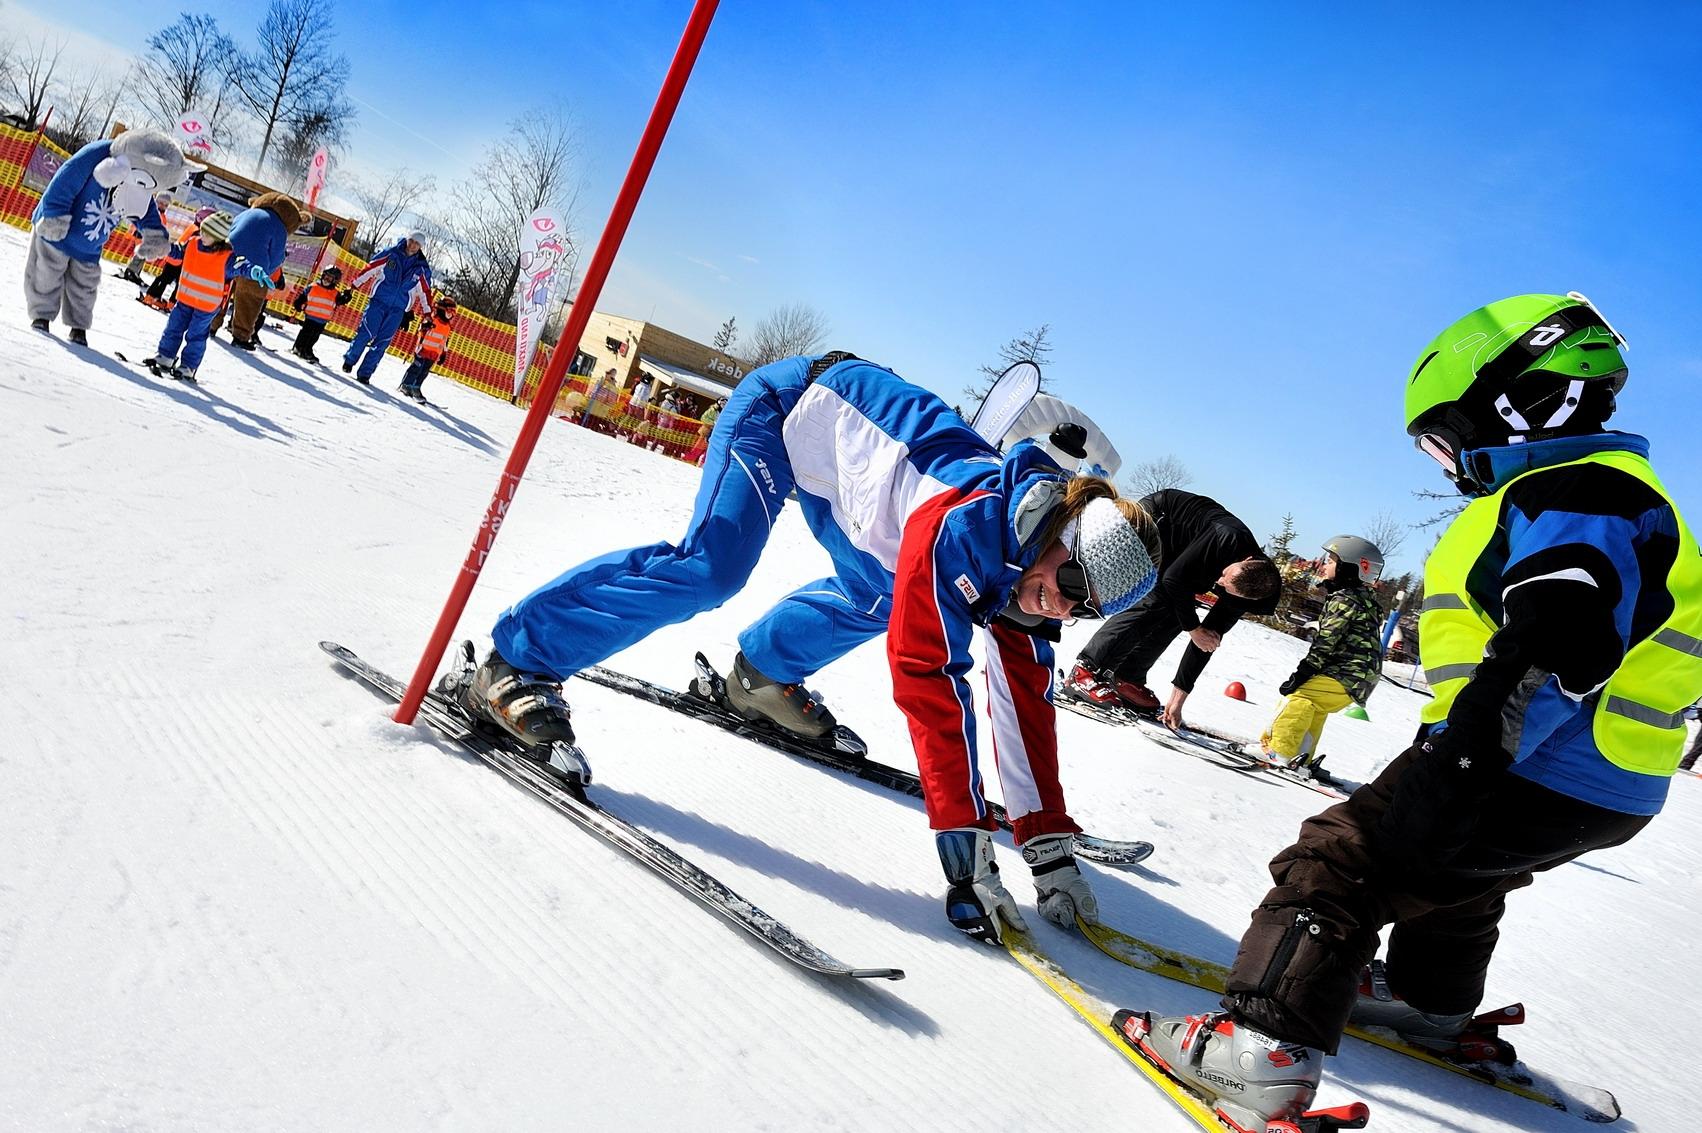 На лыжи с детьми — в Высокие Татры. Где побывать и что попробовать с ребенком - фото №5